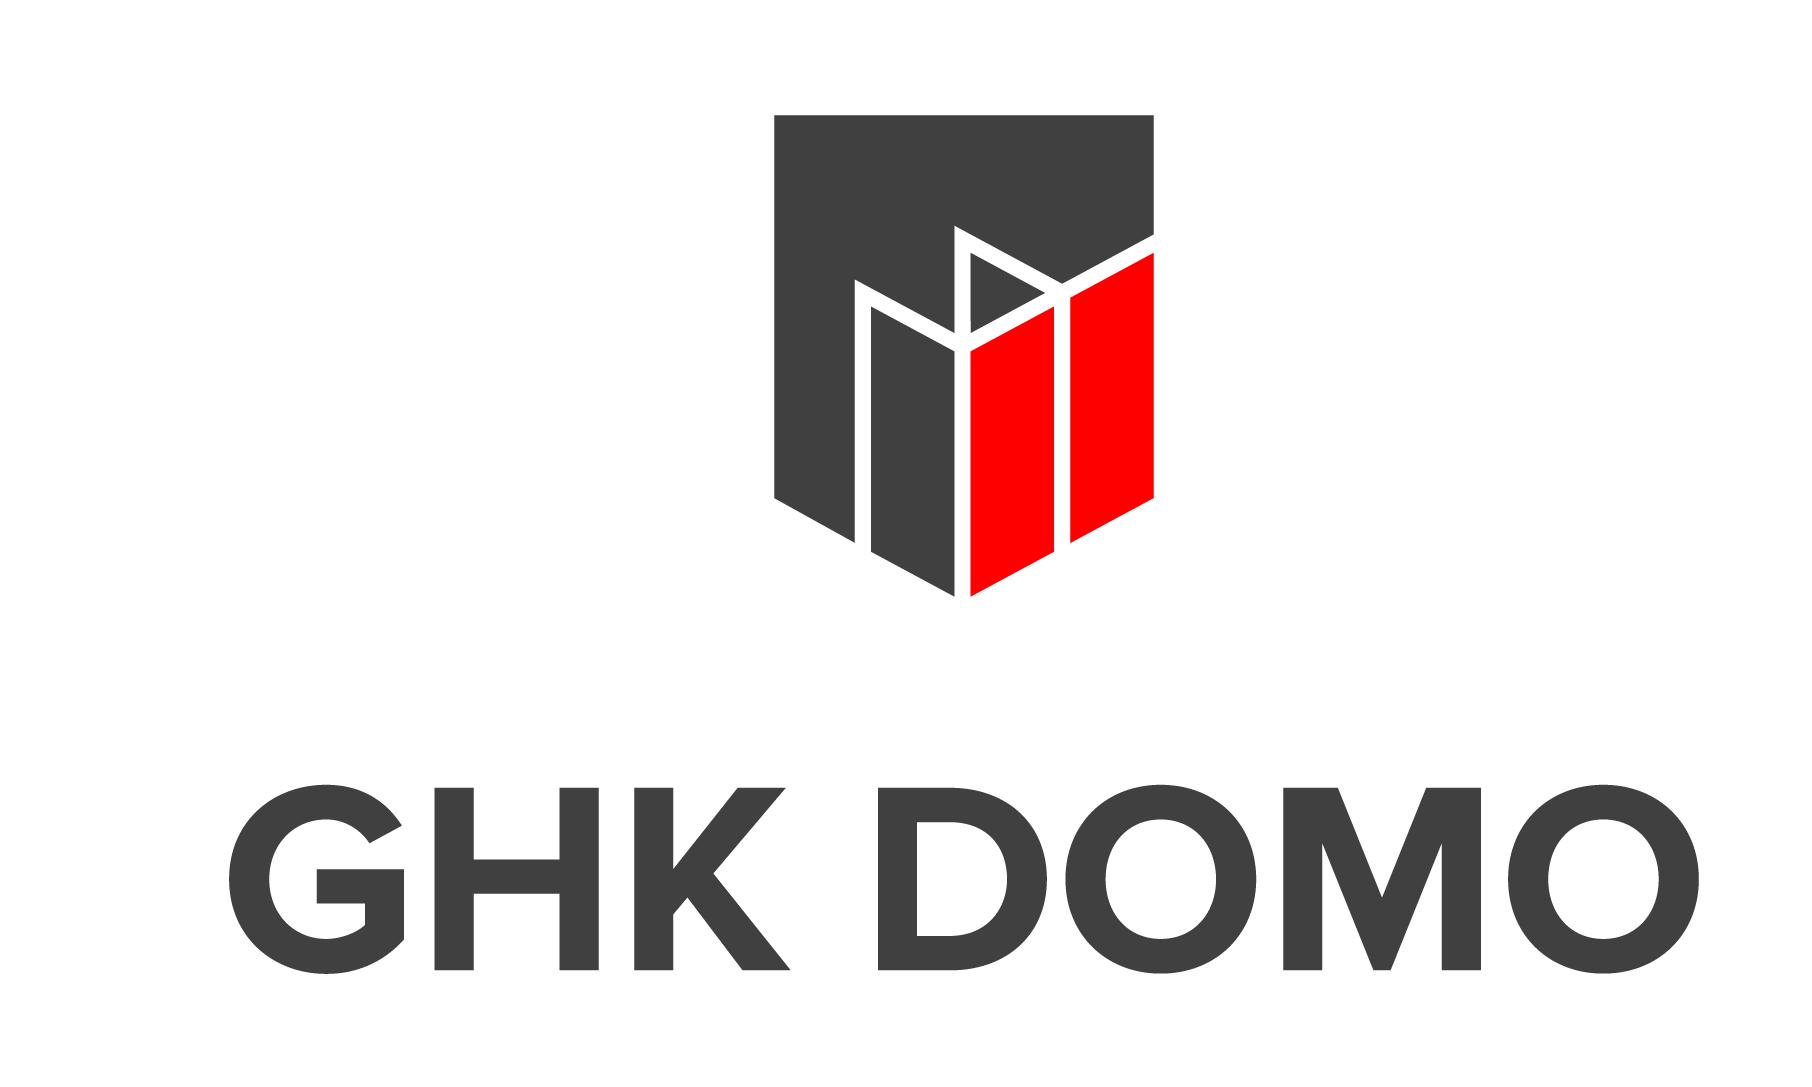 Firmenlogo GHK DOMO